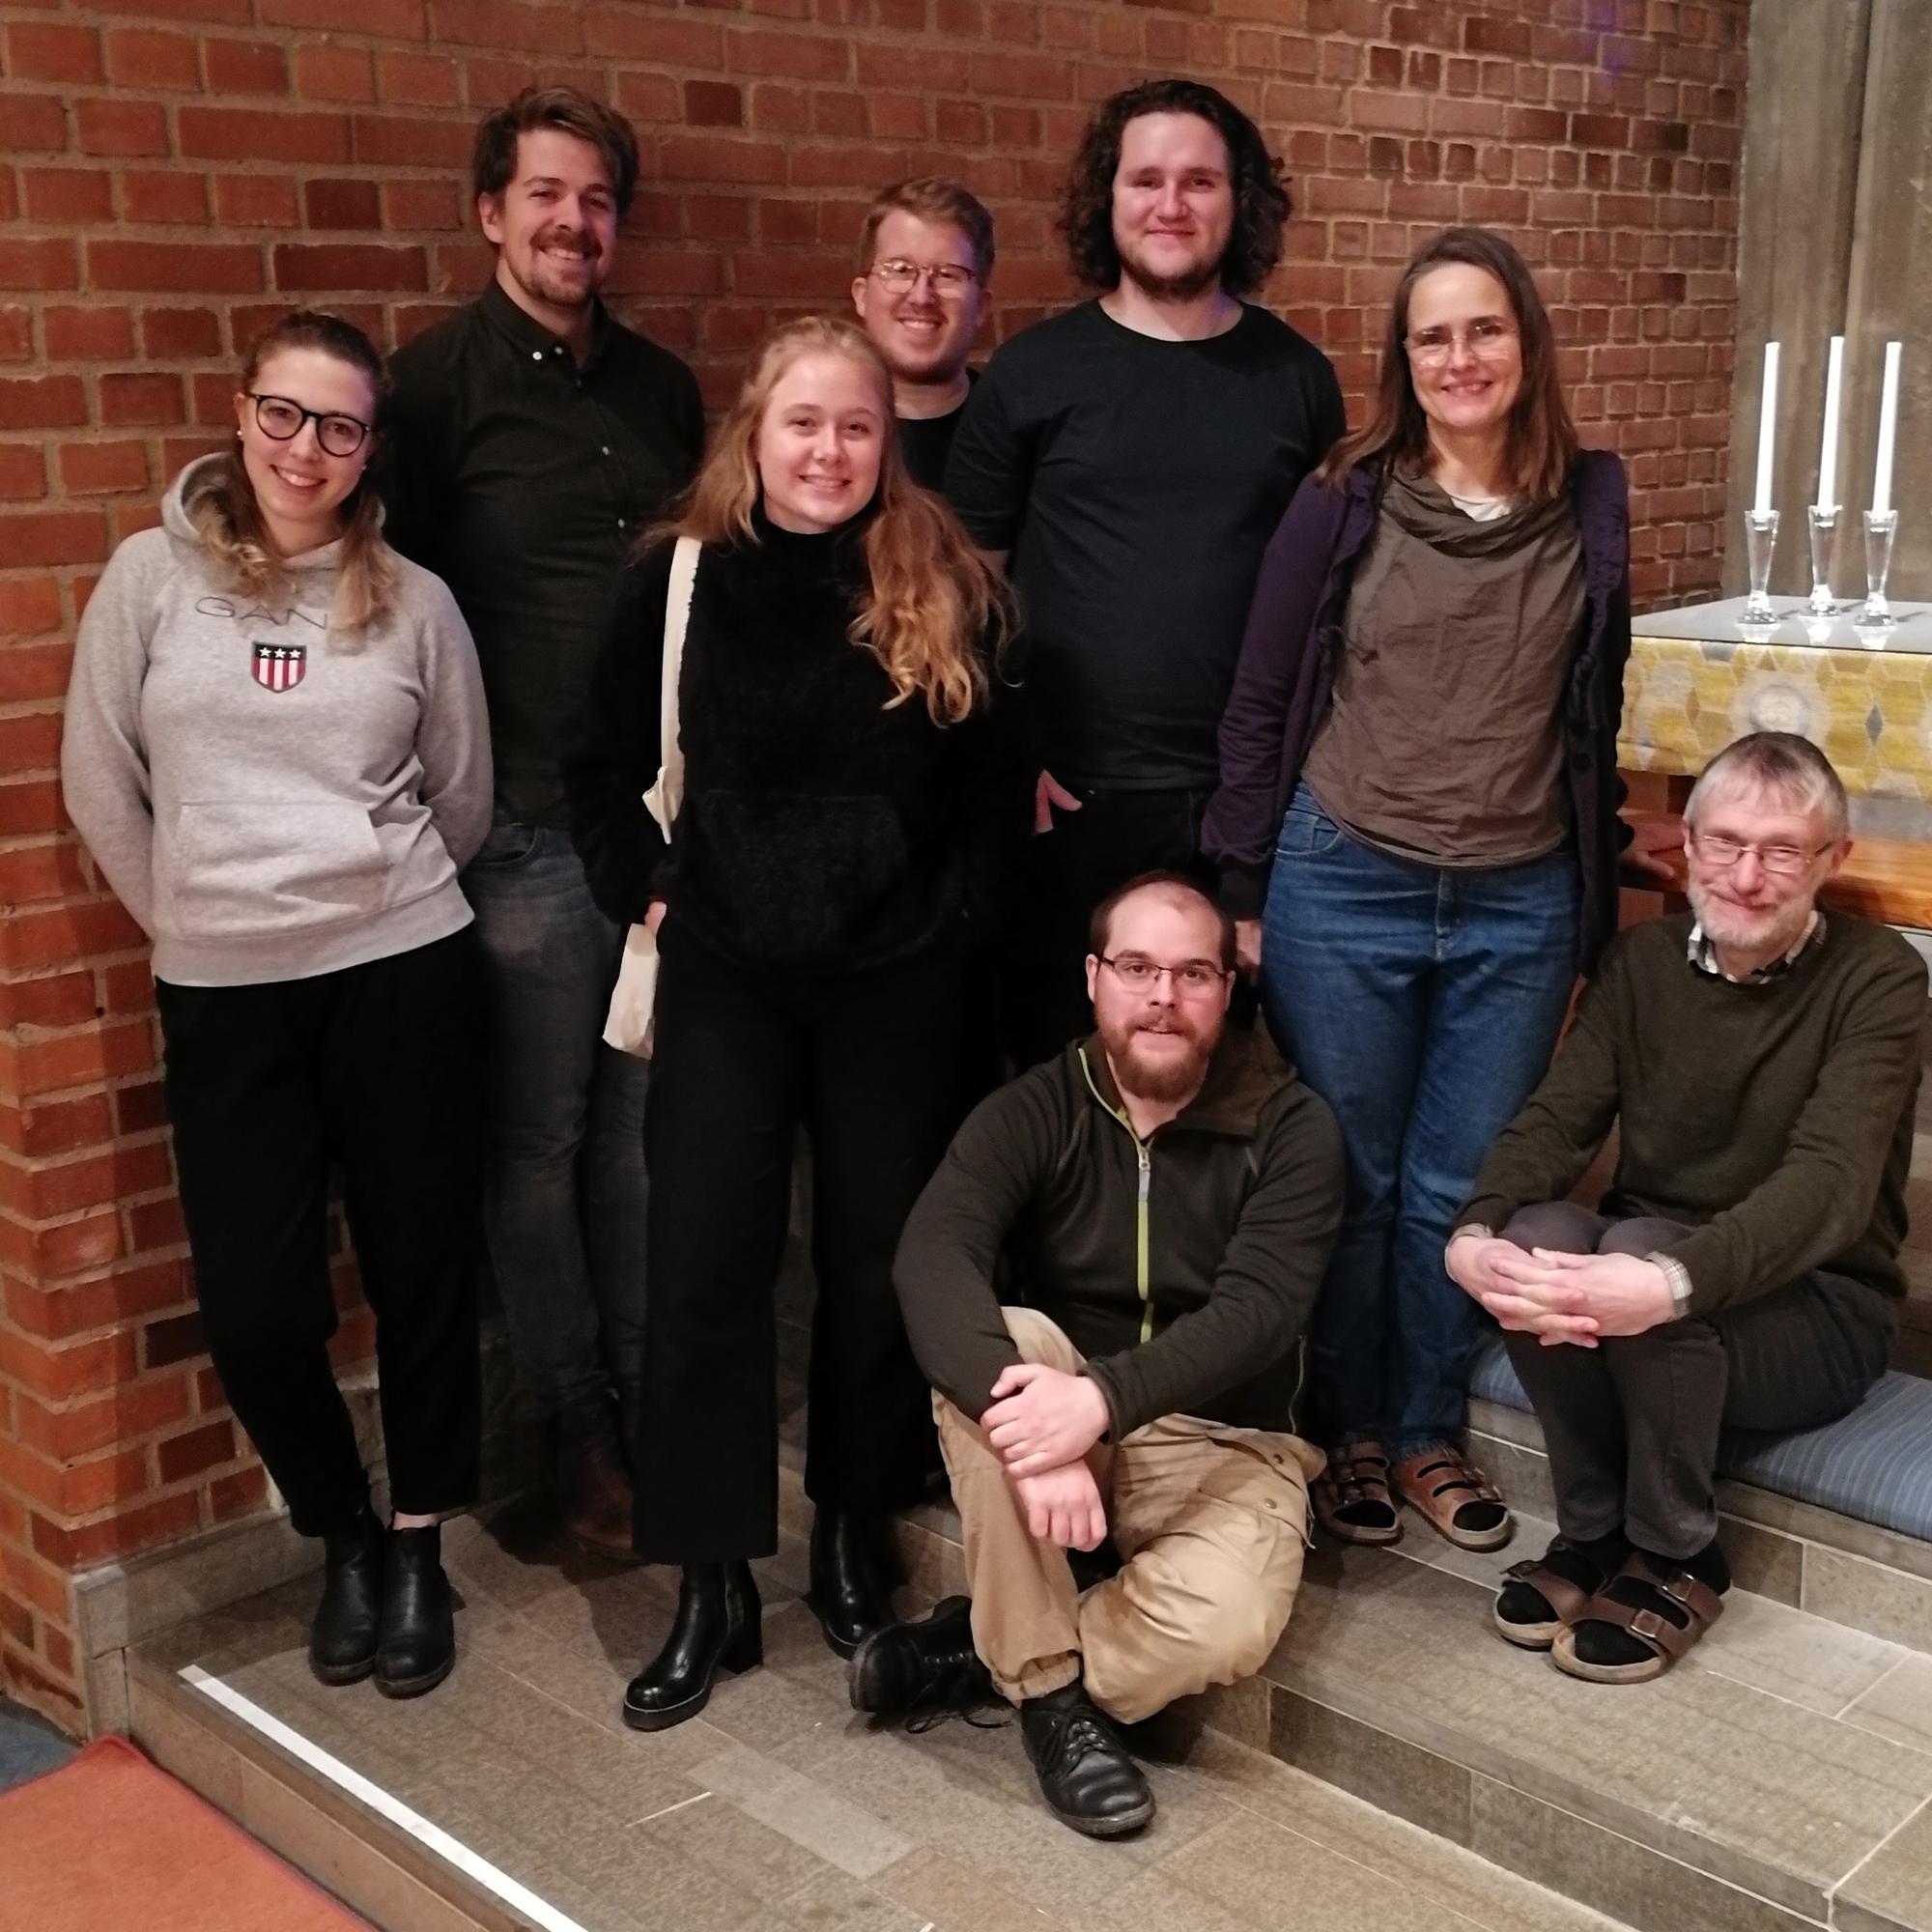 En grupp med ungdomsledare